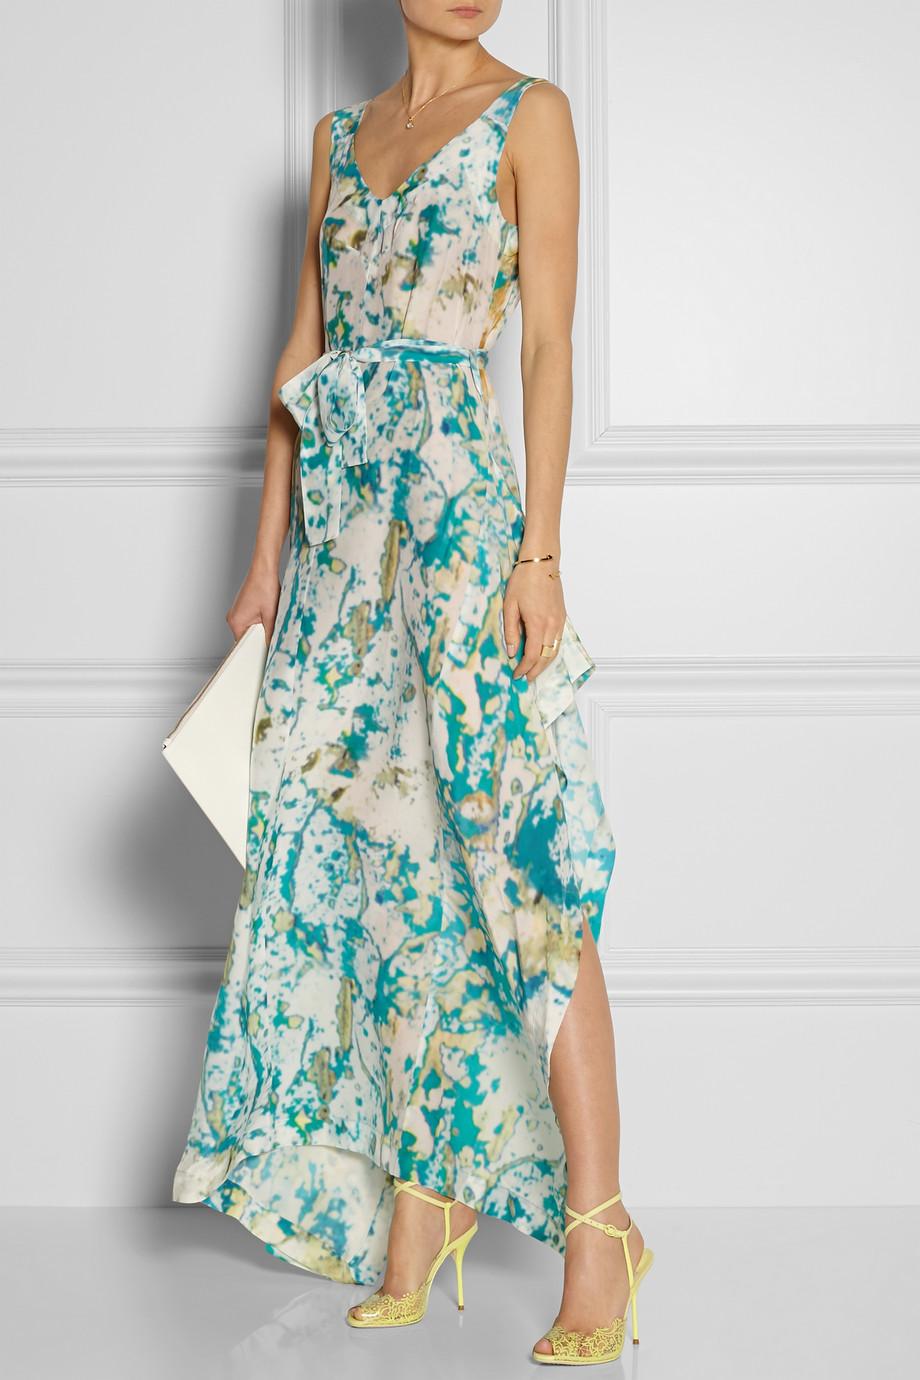 Vivienne Westwood Maxi Dress